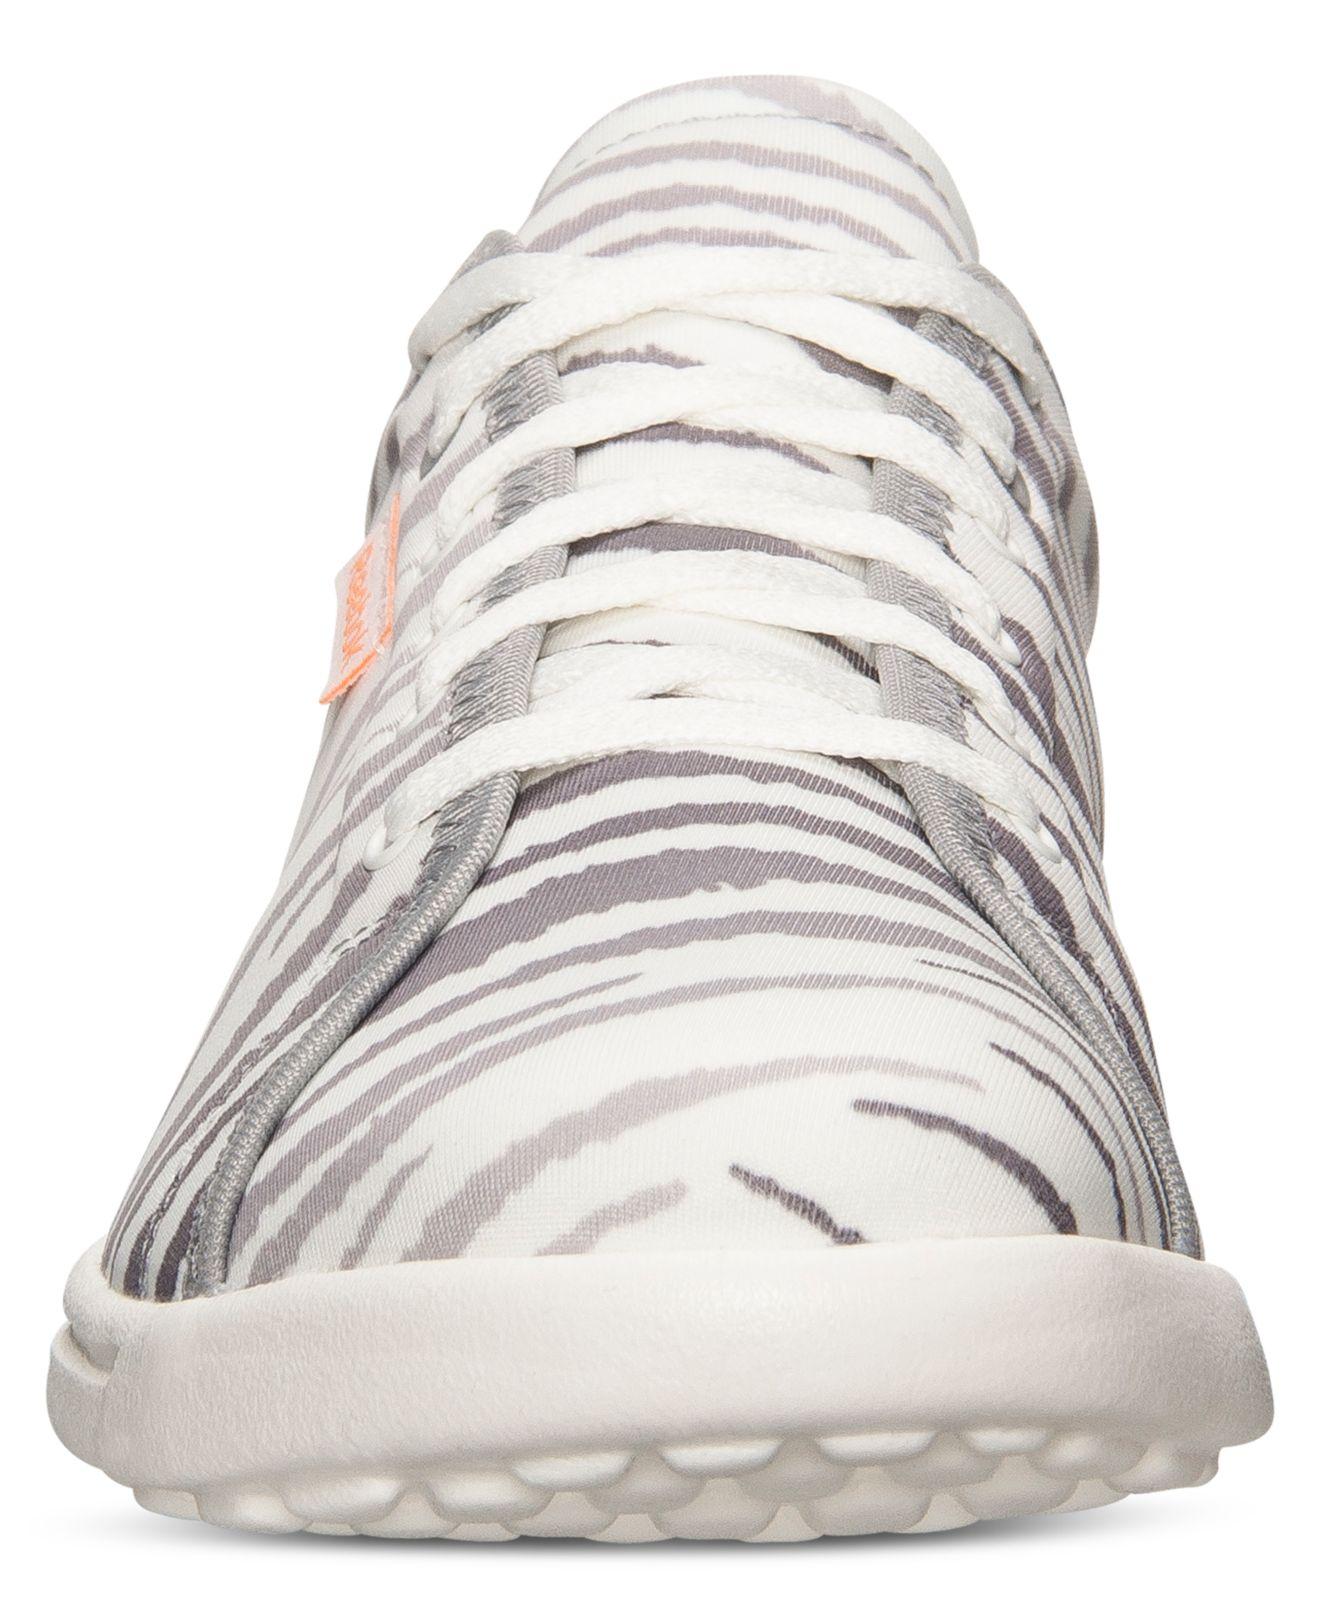 c56845405f0 Lyst - Reebok Women S Skyscape Runaround Print Walking Sneakers From ...